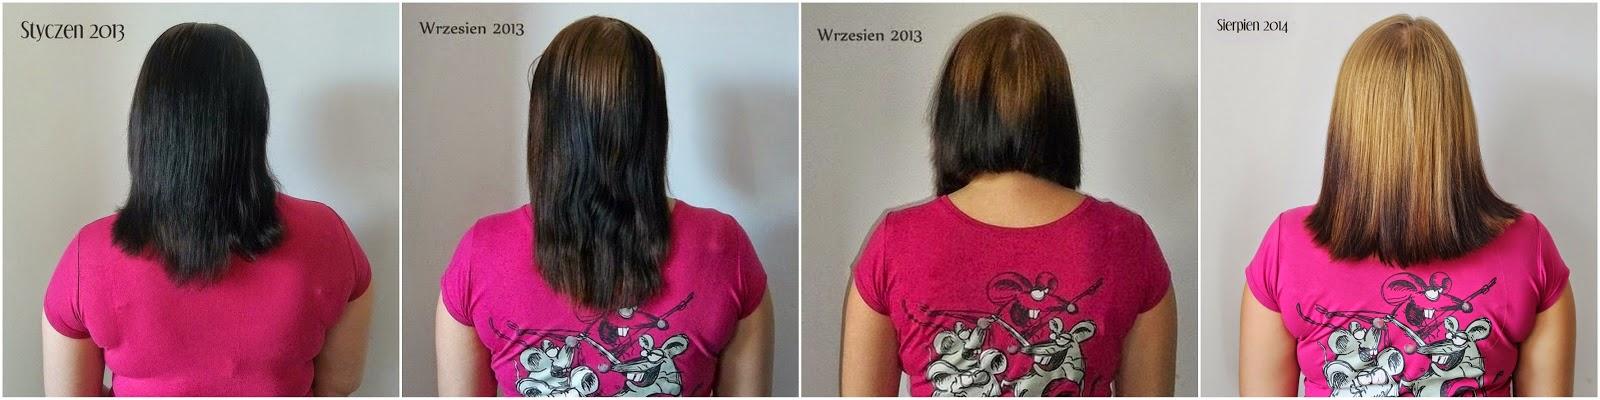 dwa lata bez farby do włosów